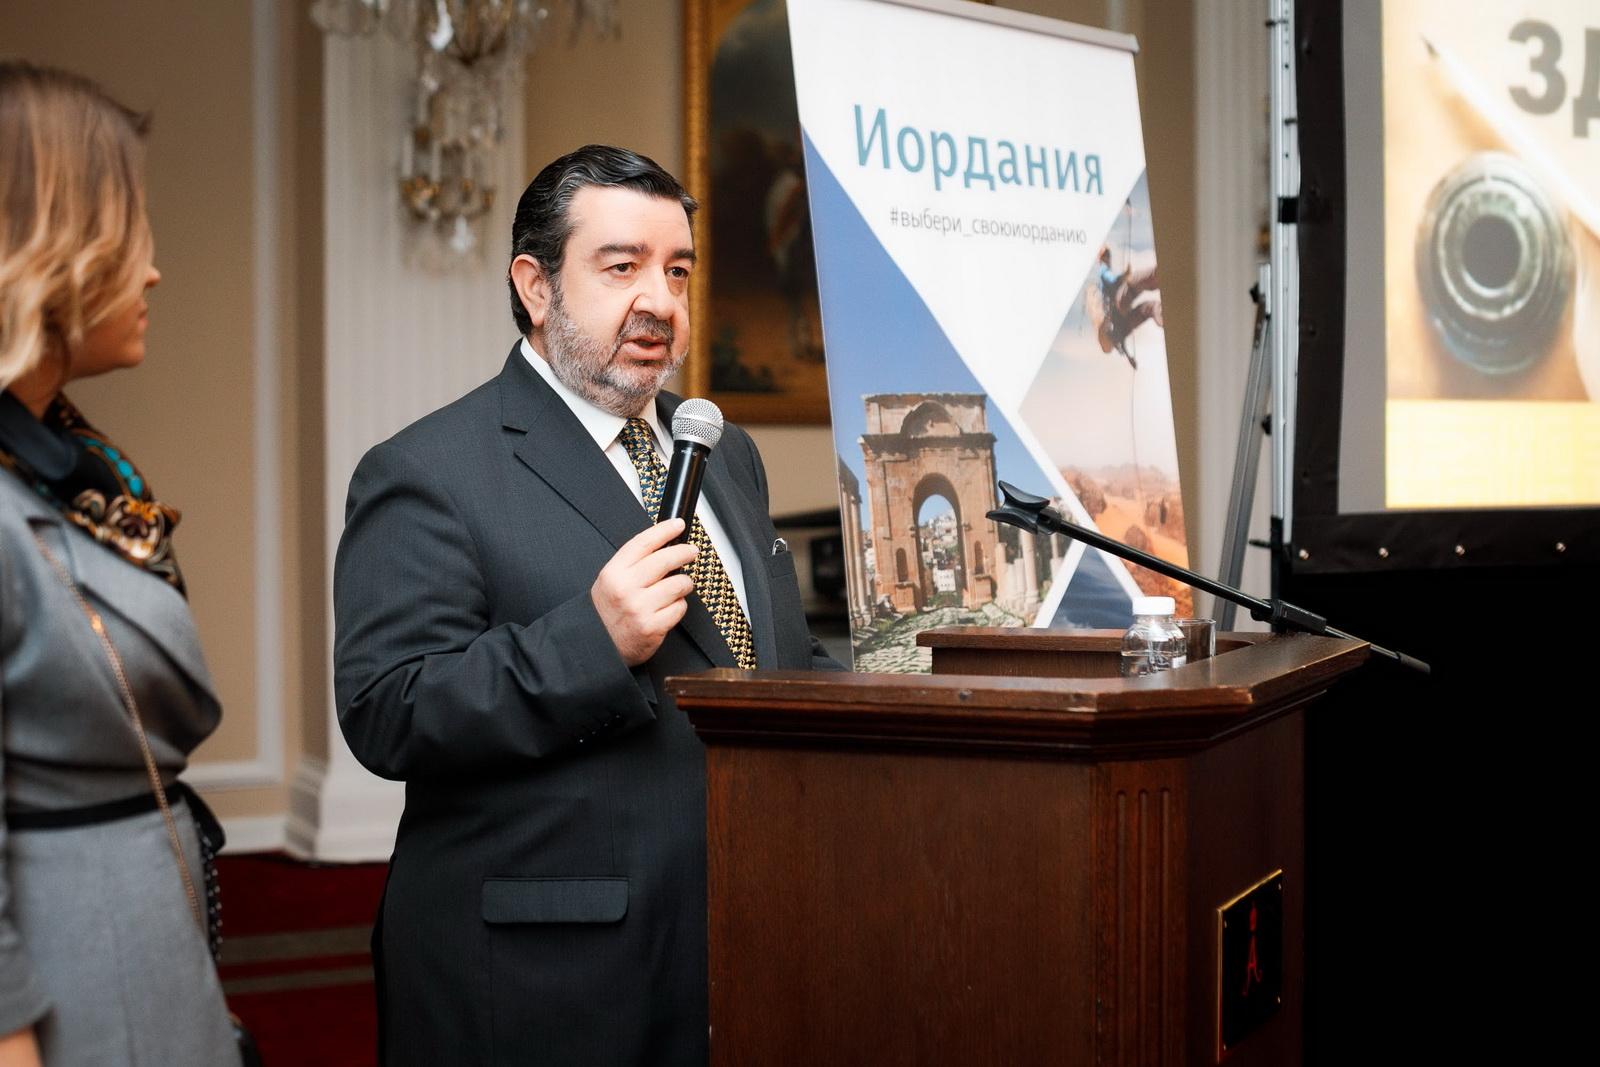 Выбери свою Иорданию! Воркшоп и презентация в Санкт-Петербурге